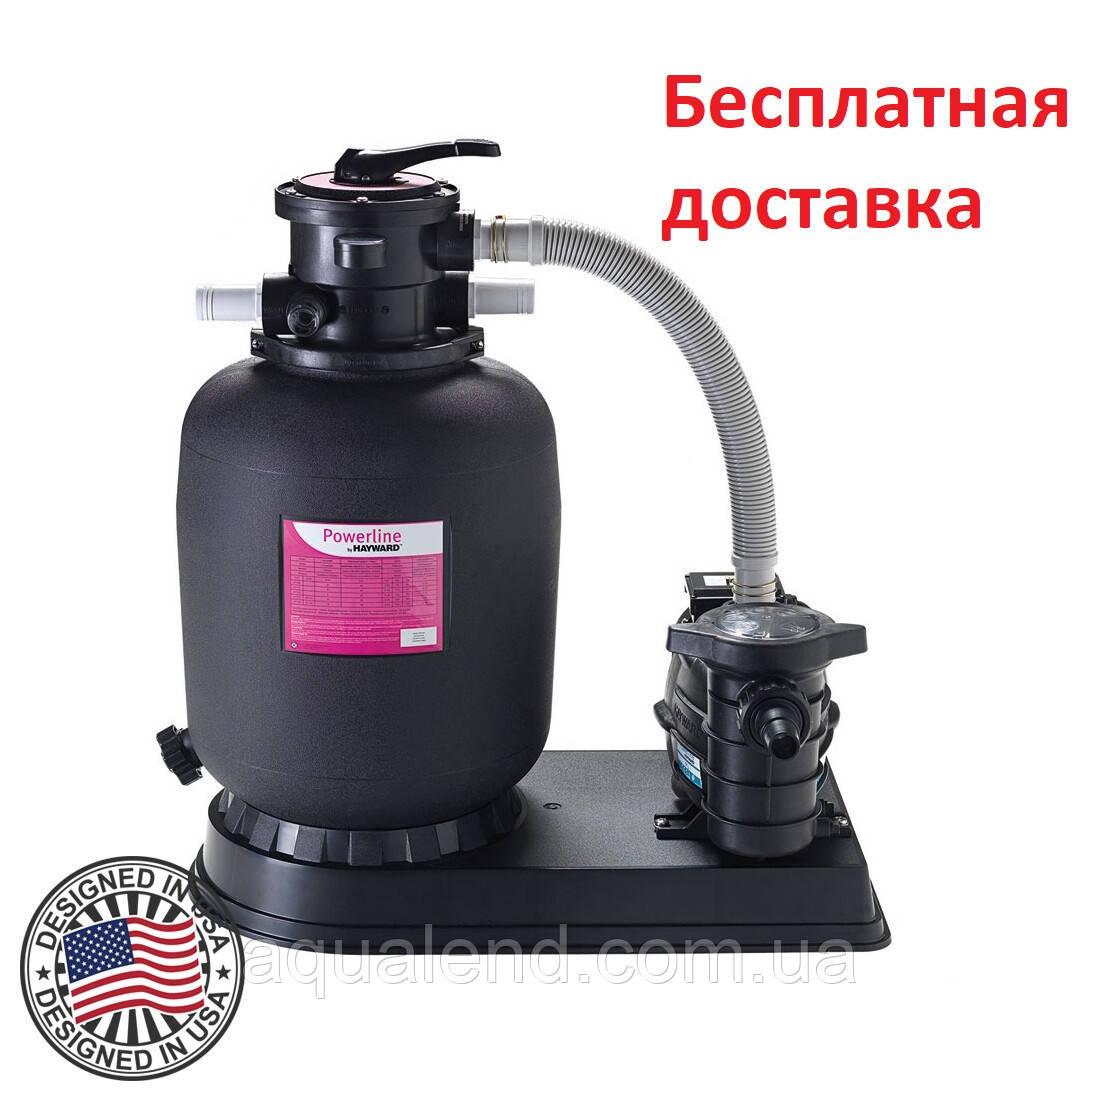 Пісочна фільтраційна установка Hayward PowerLine 81072 (10 м3/год, D511)